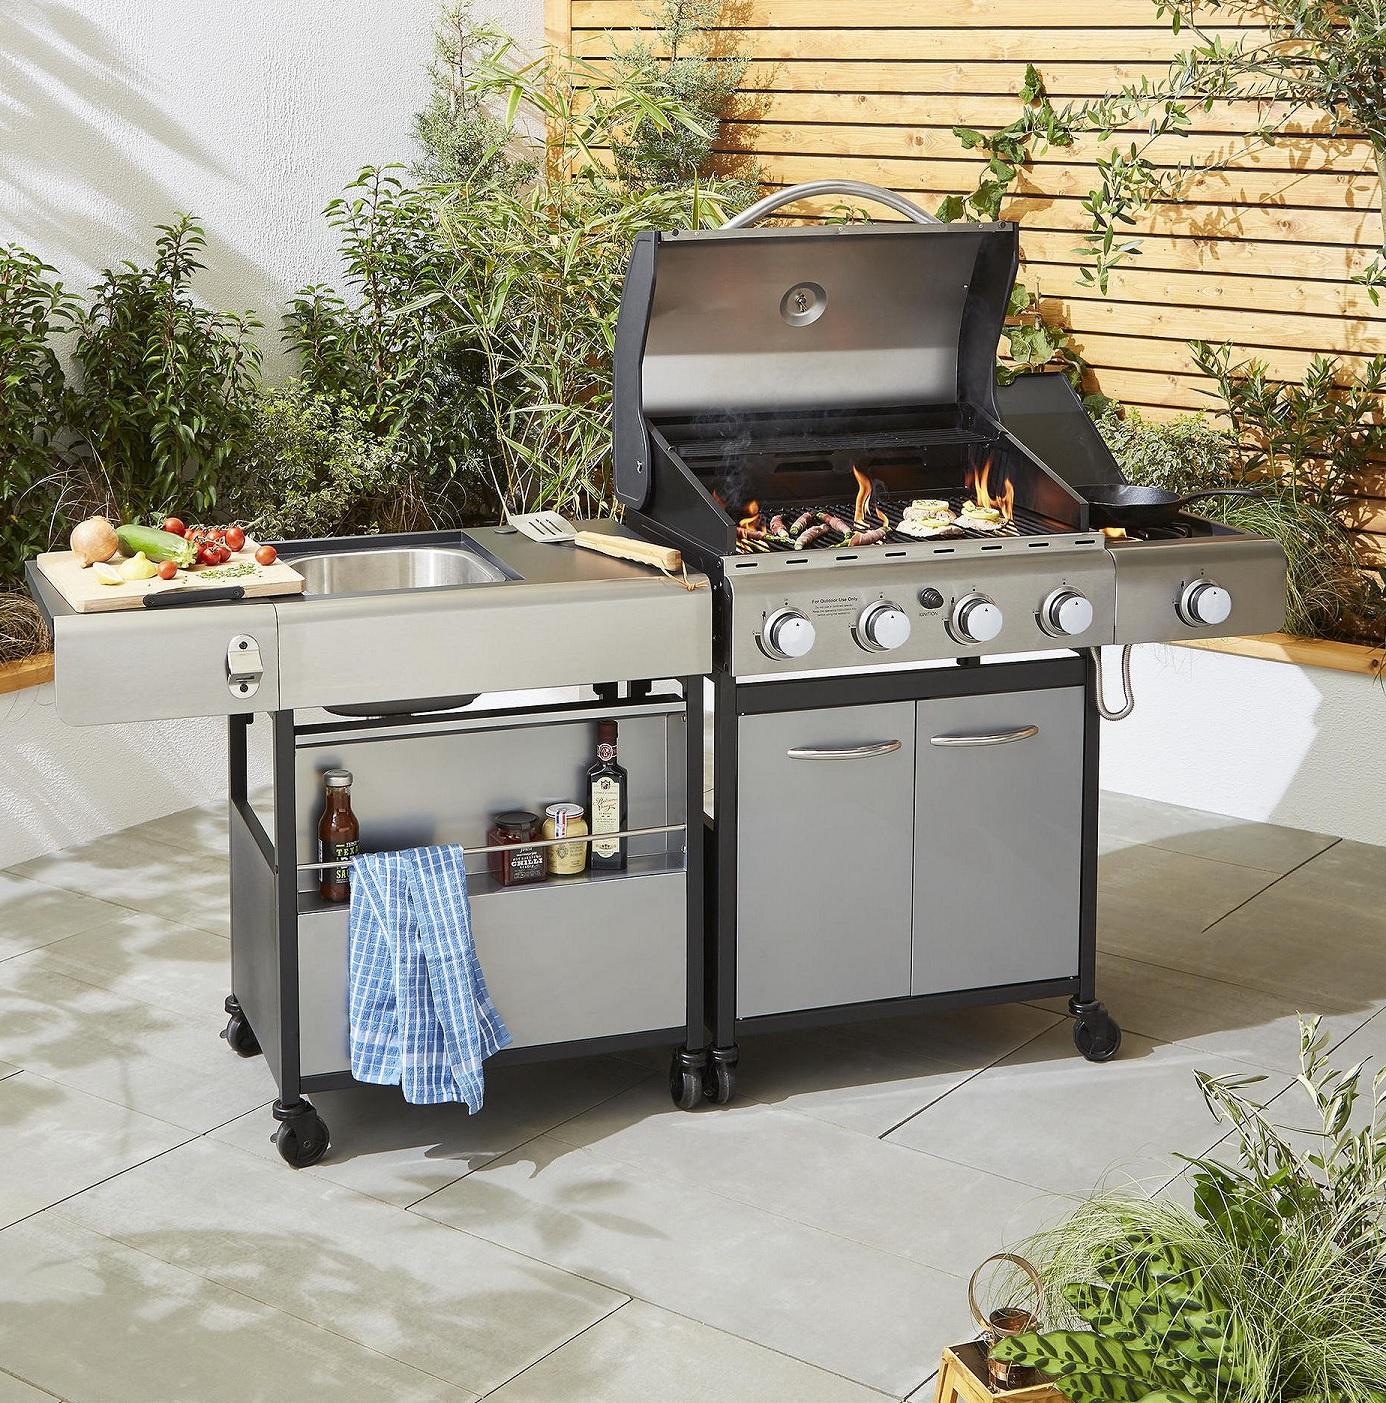 New Tesco Premium Bbq Add On Unit Outdoor Kitchen Sink